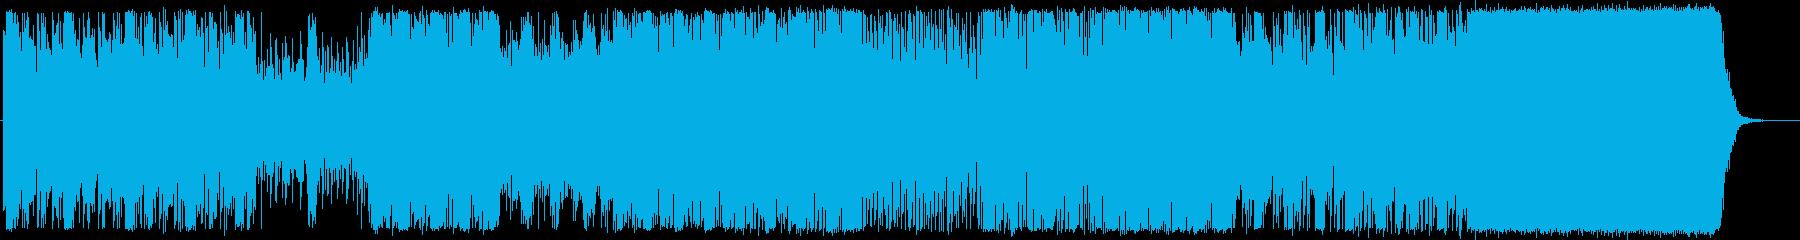 クールなエレクトロサウンドの再生済みの波形